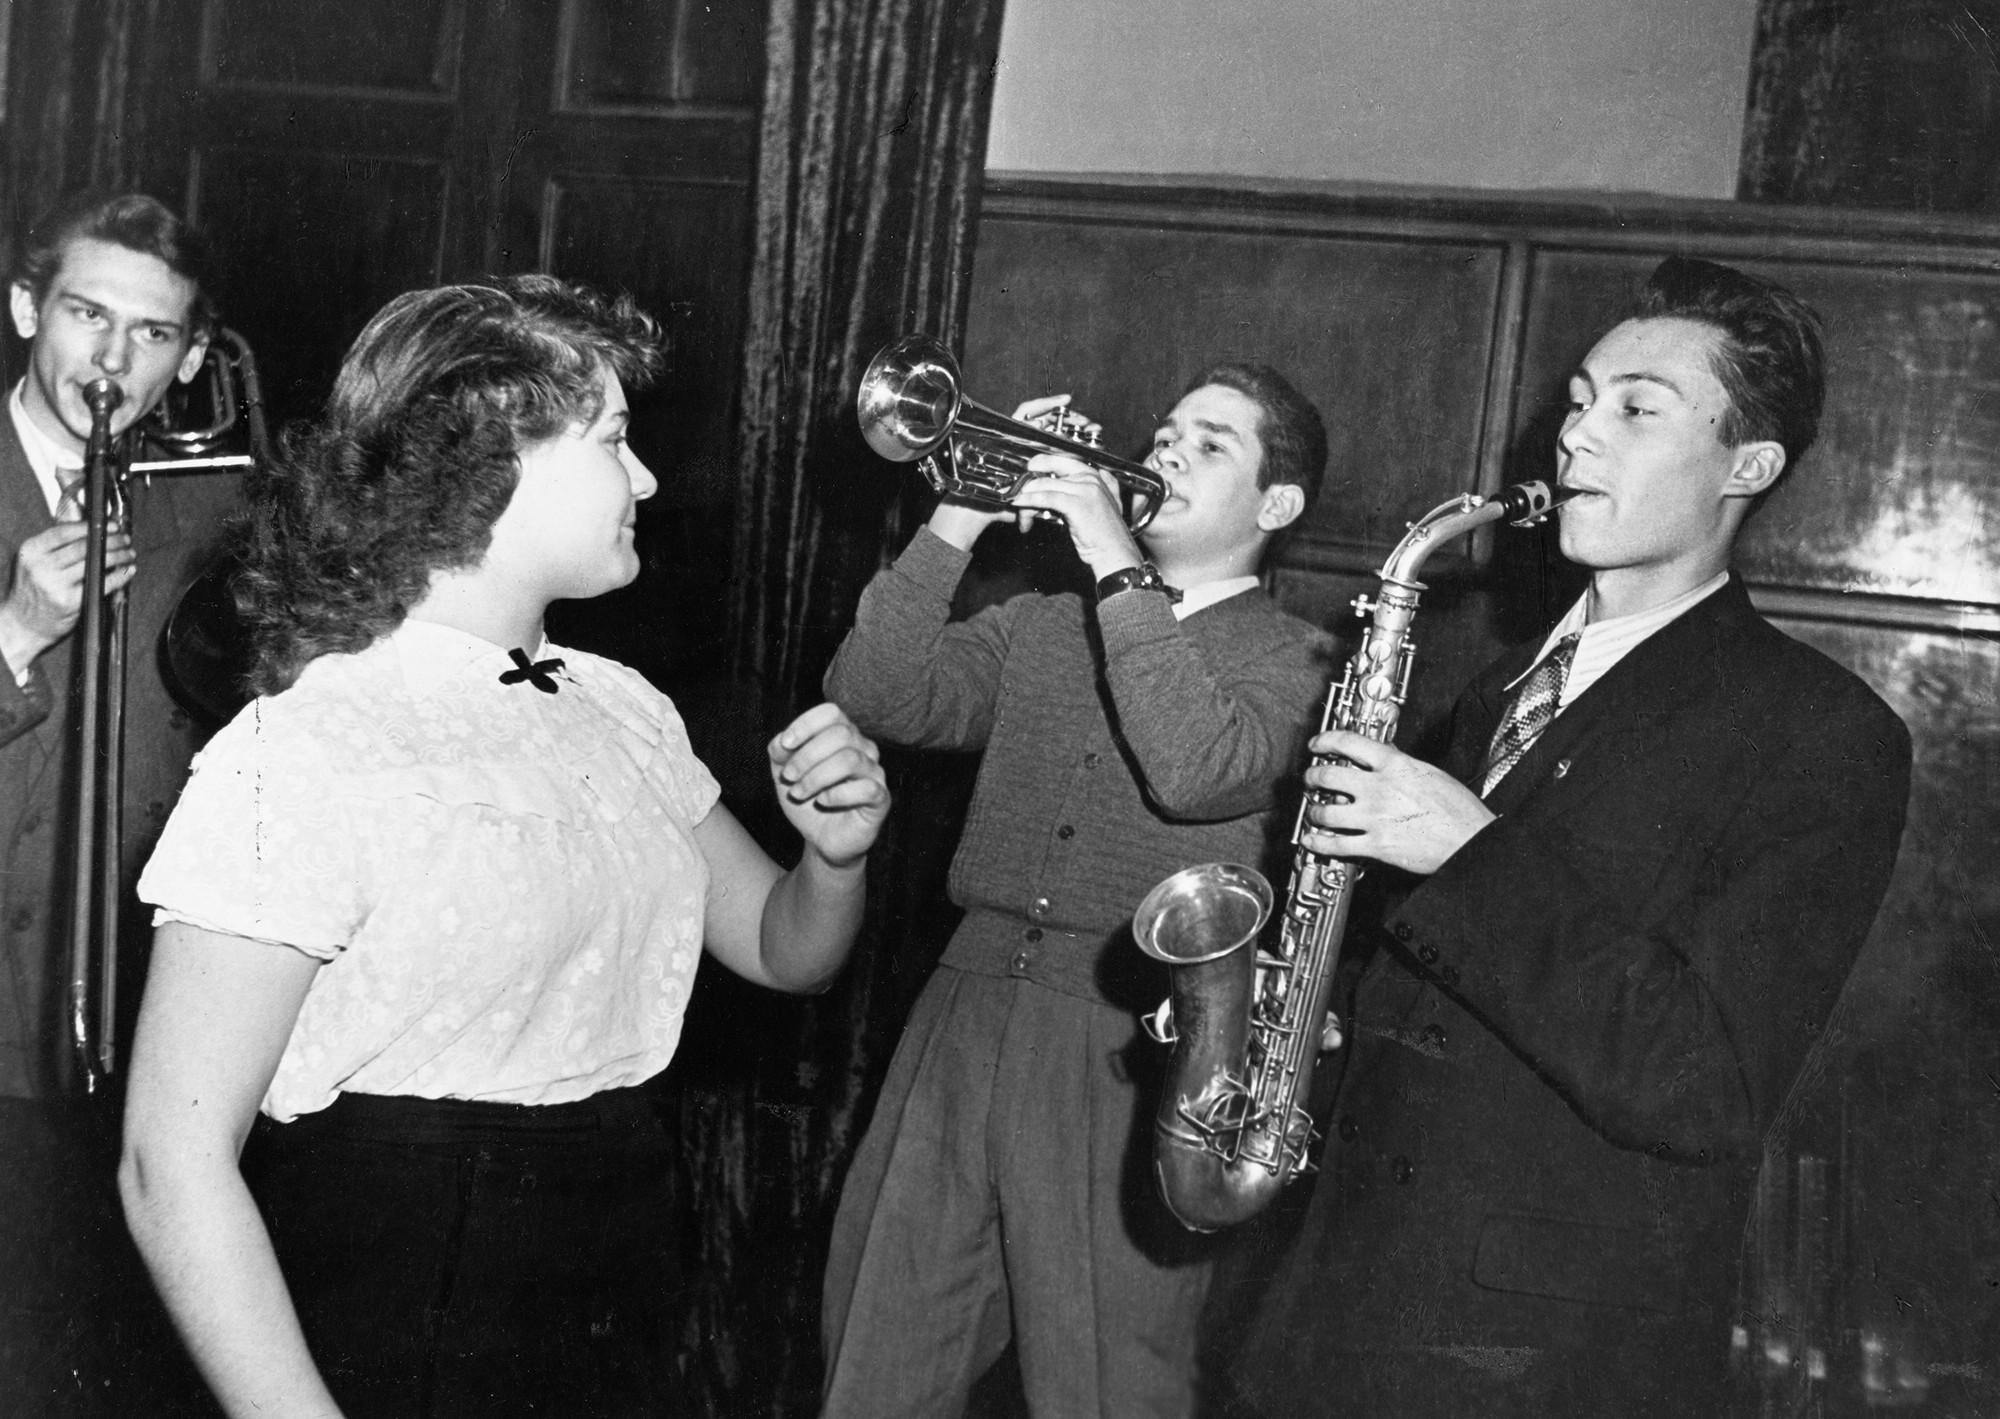 Una banda de jazz actúa en Moscú en 1957. Fotografía:Sovfoto